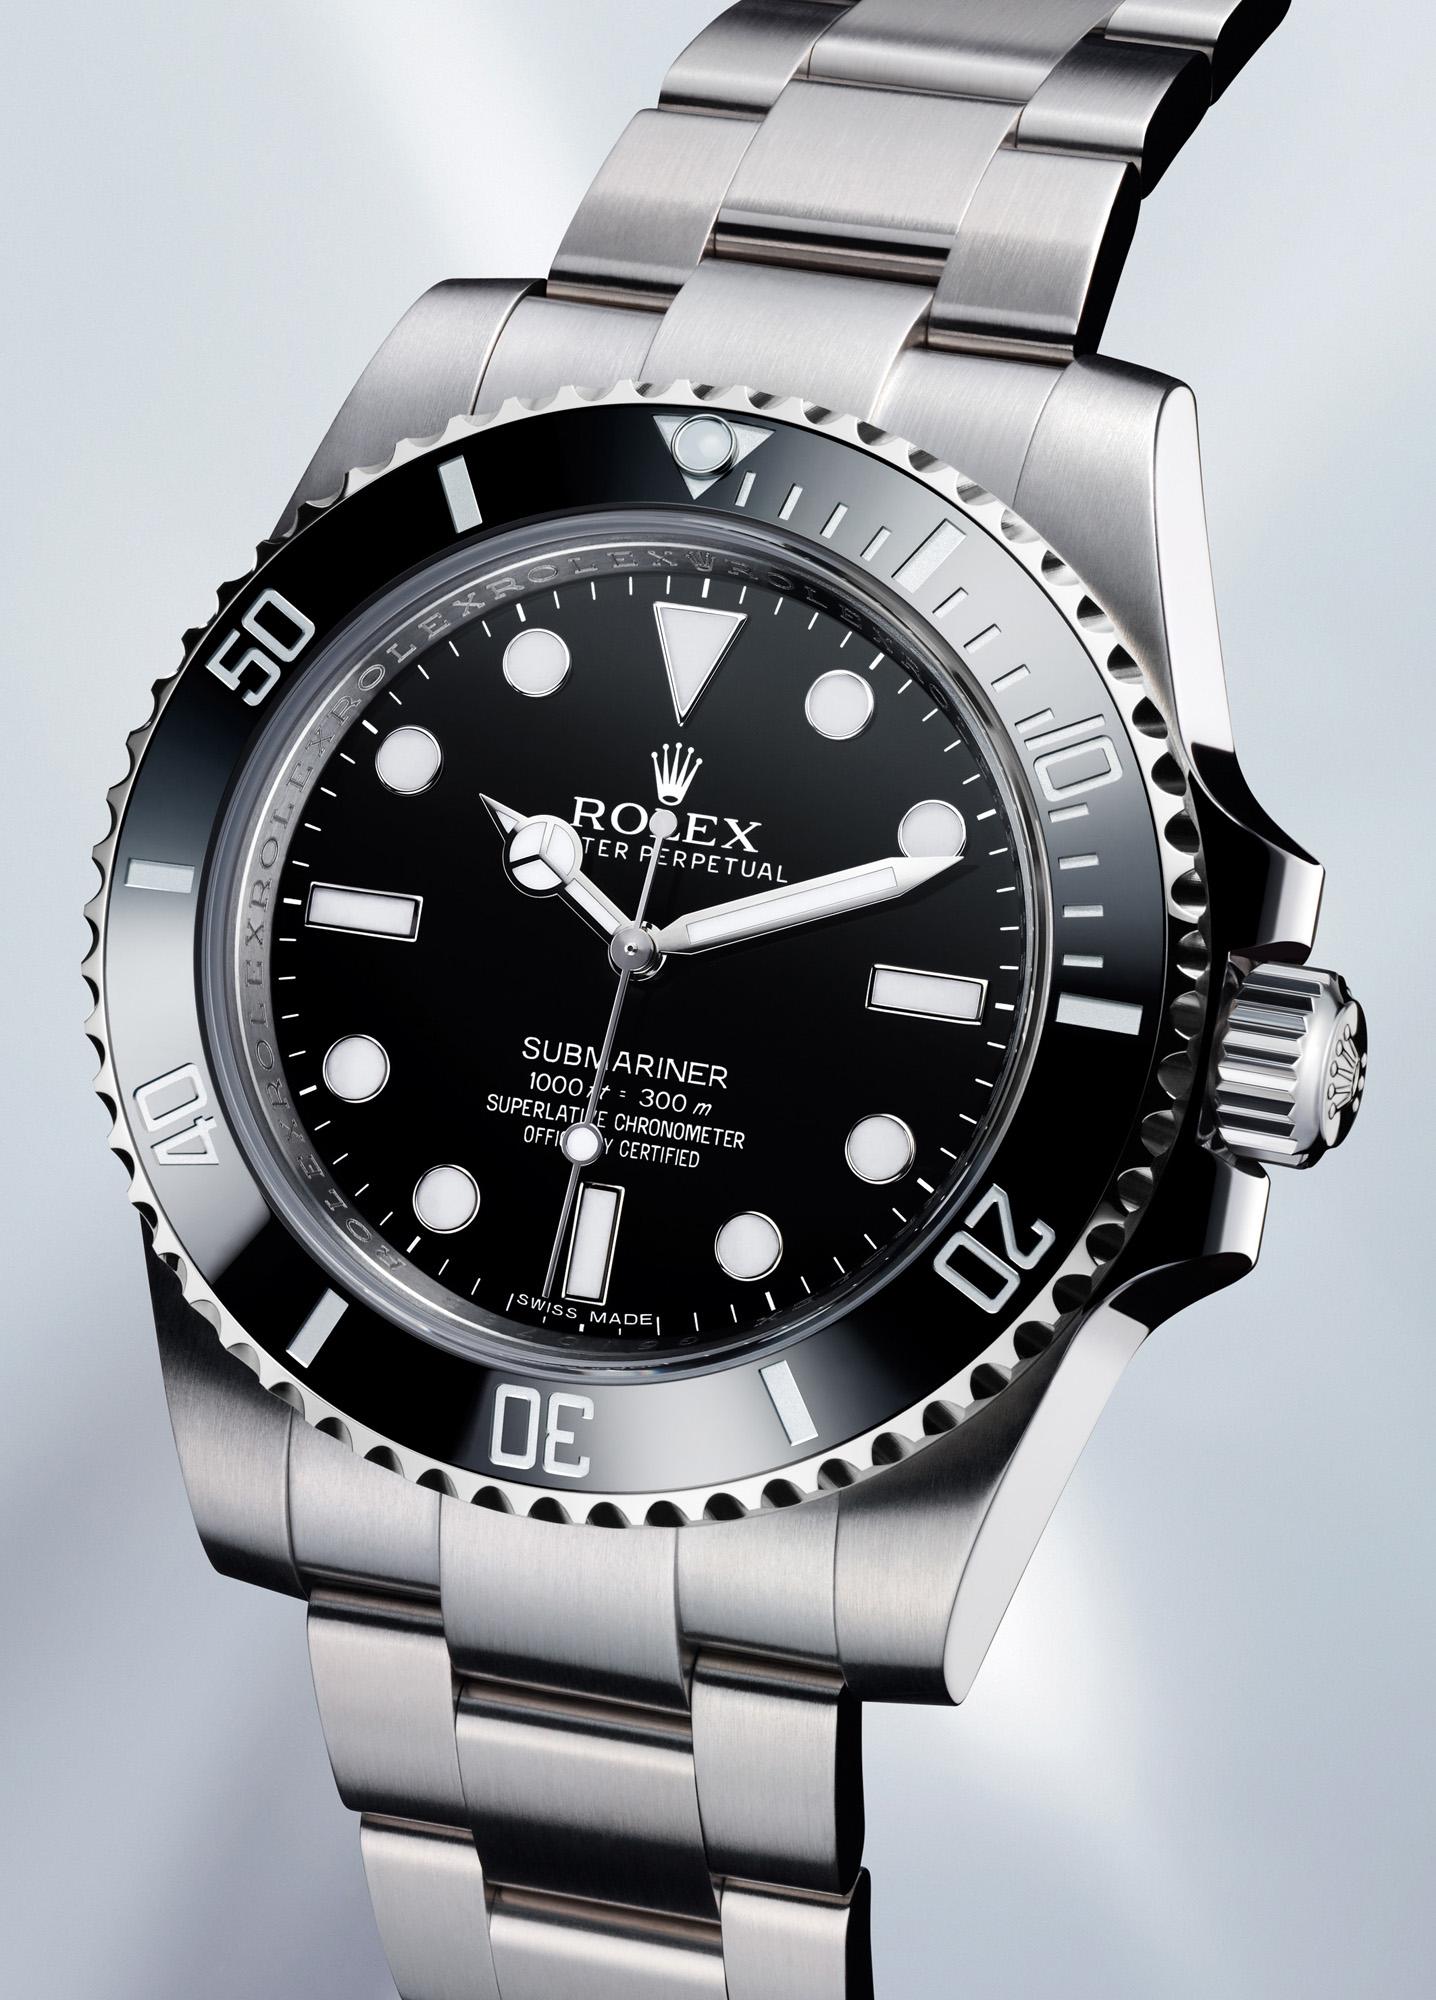 Rolex Submariner Ref. 114060 - Dial